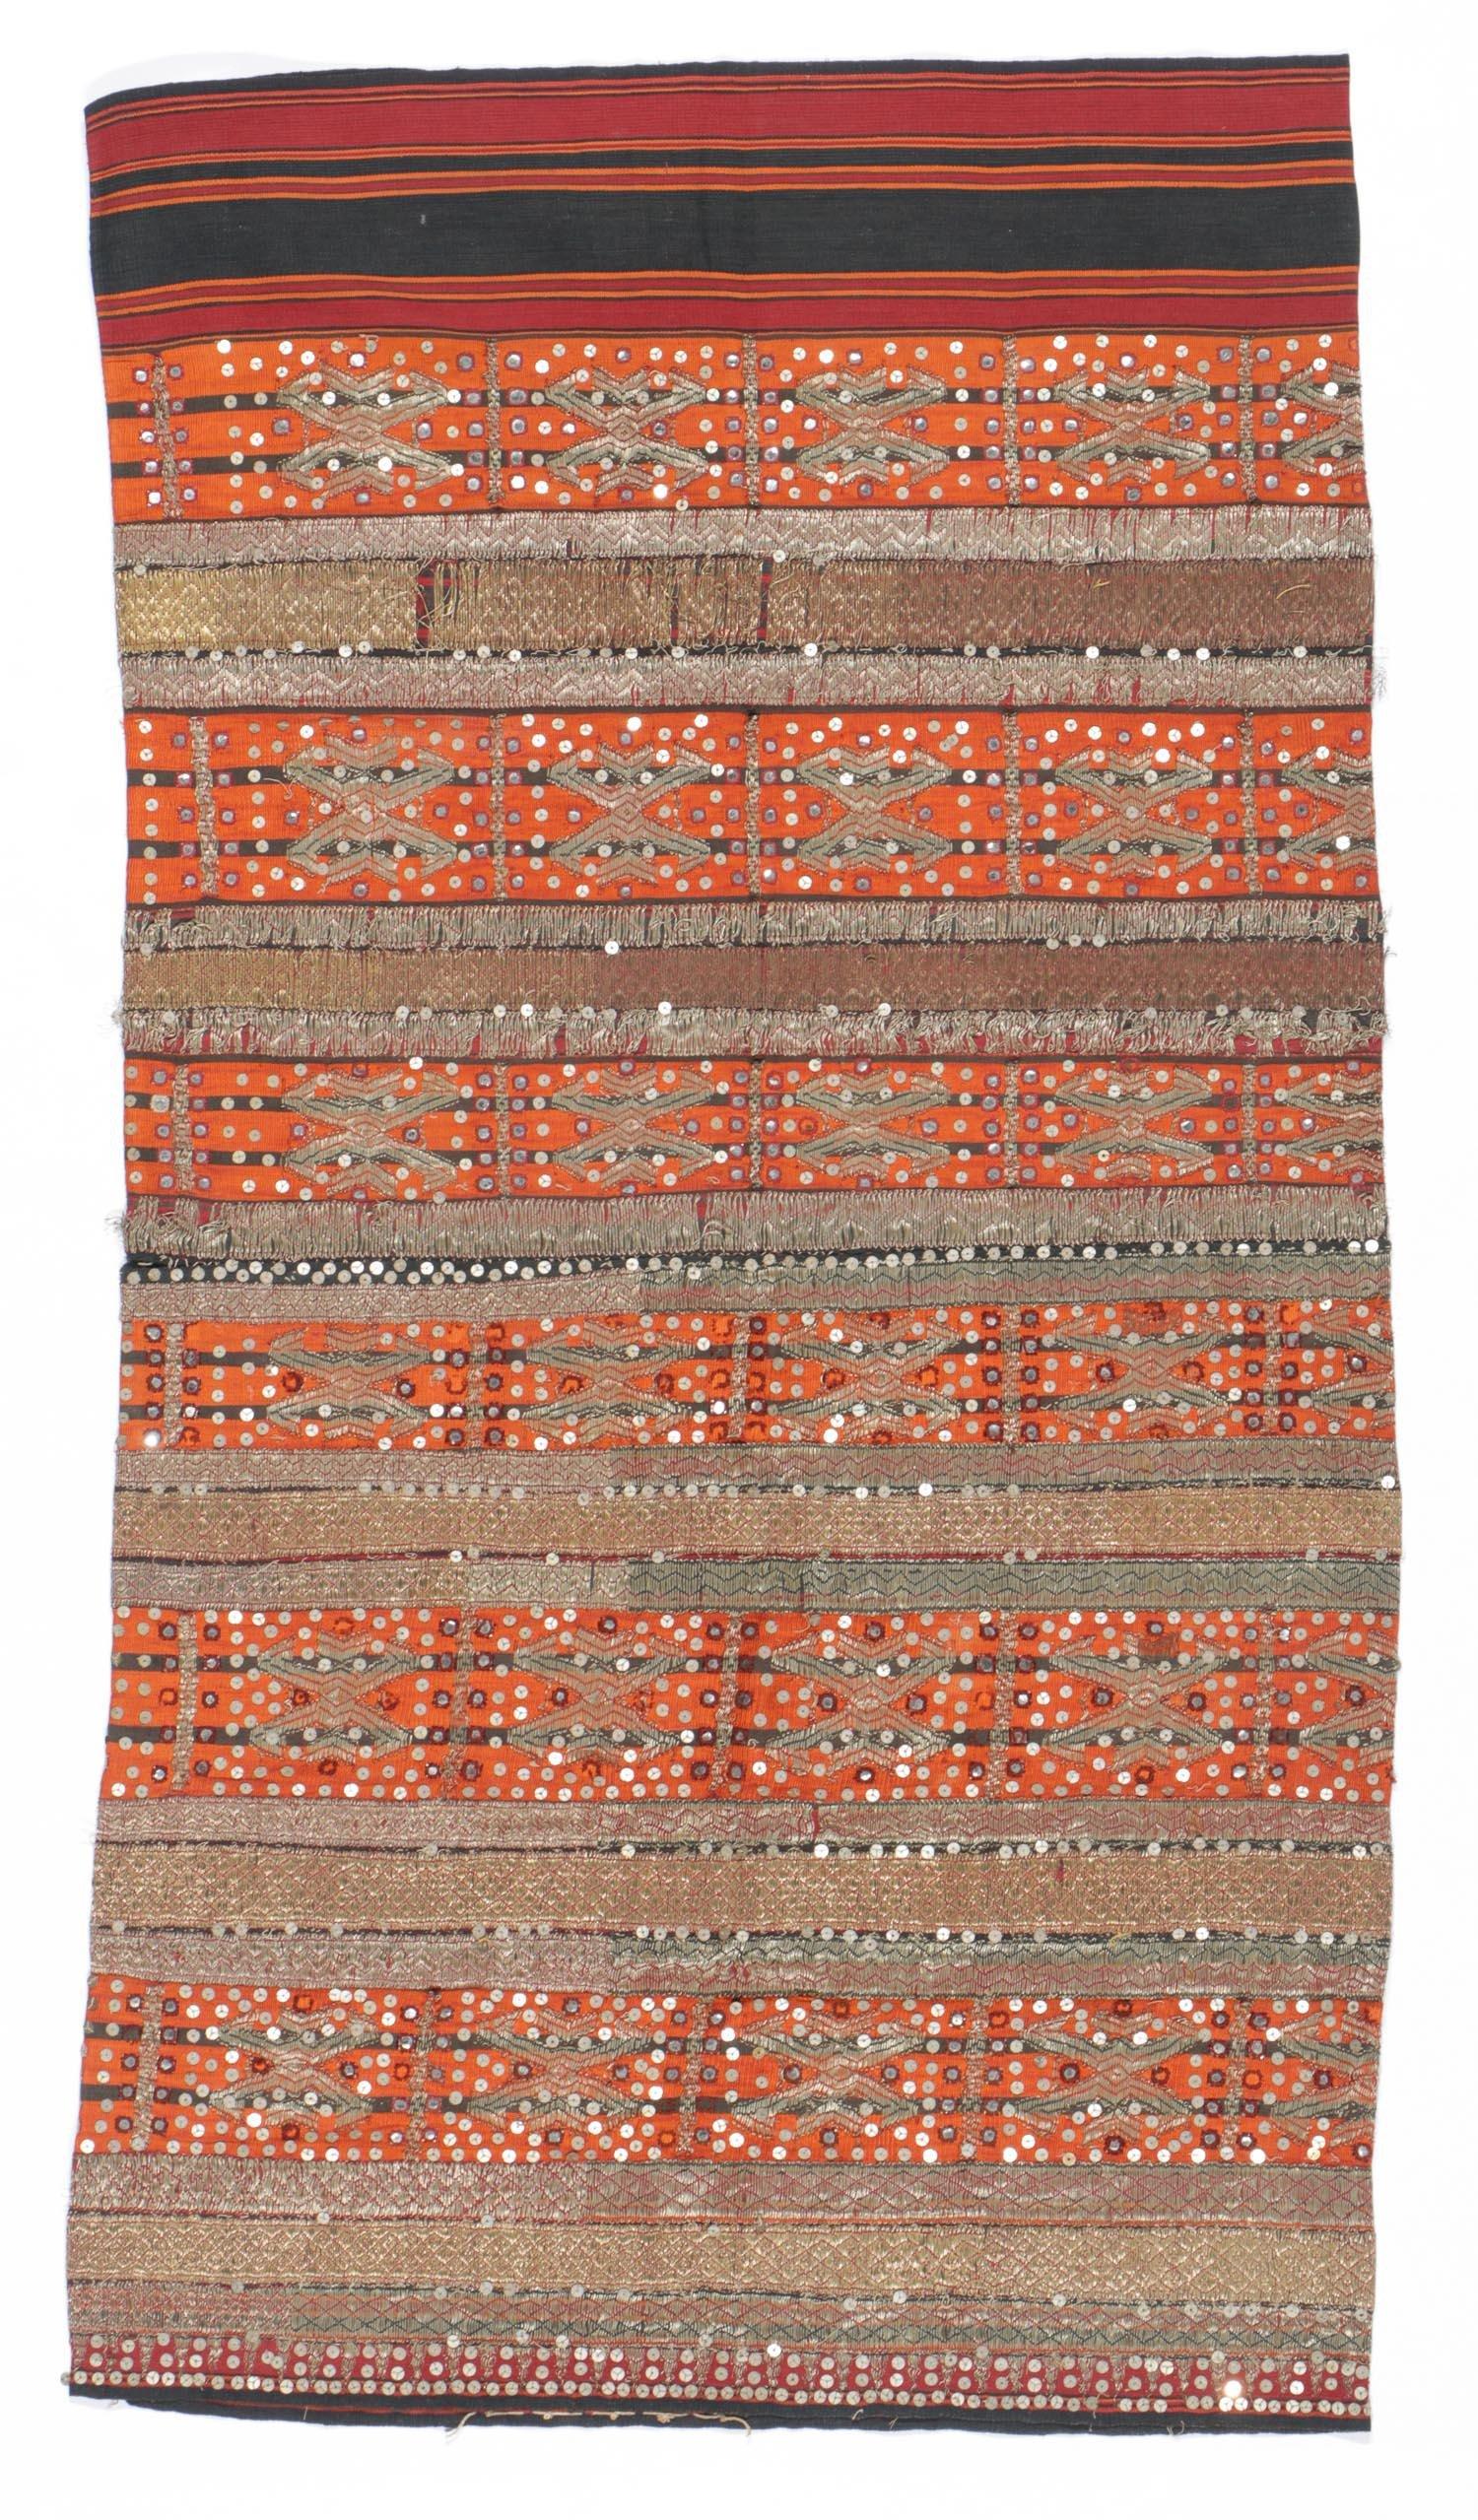 Antique Indonesian Ceremonial Tapis Textile